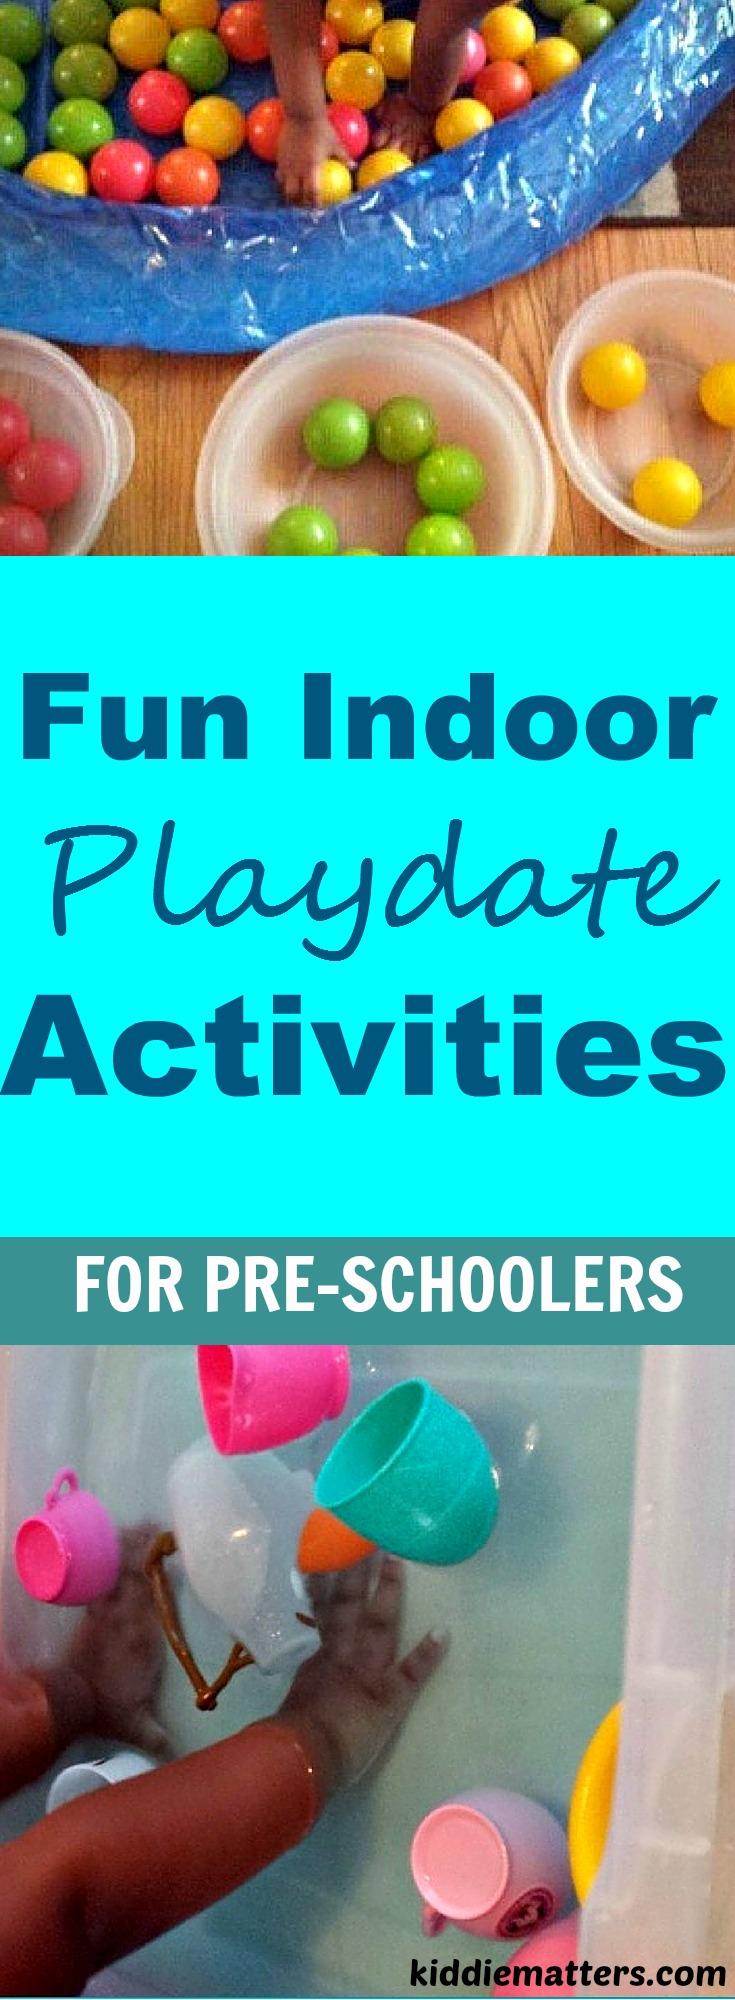 Fun Indoor Playdate Activities For PreSchoolers